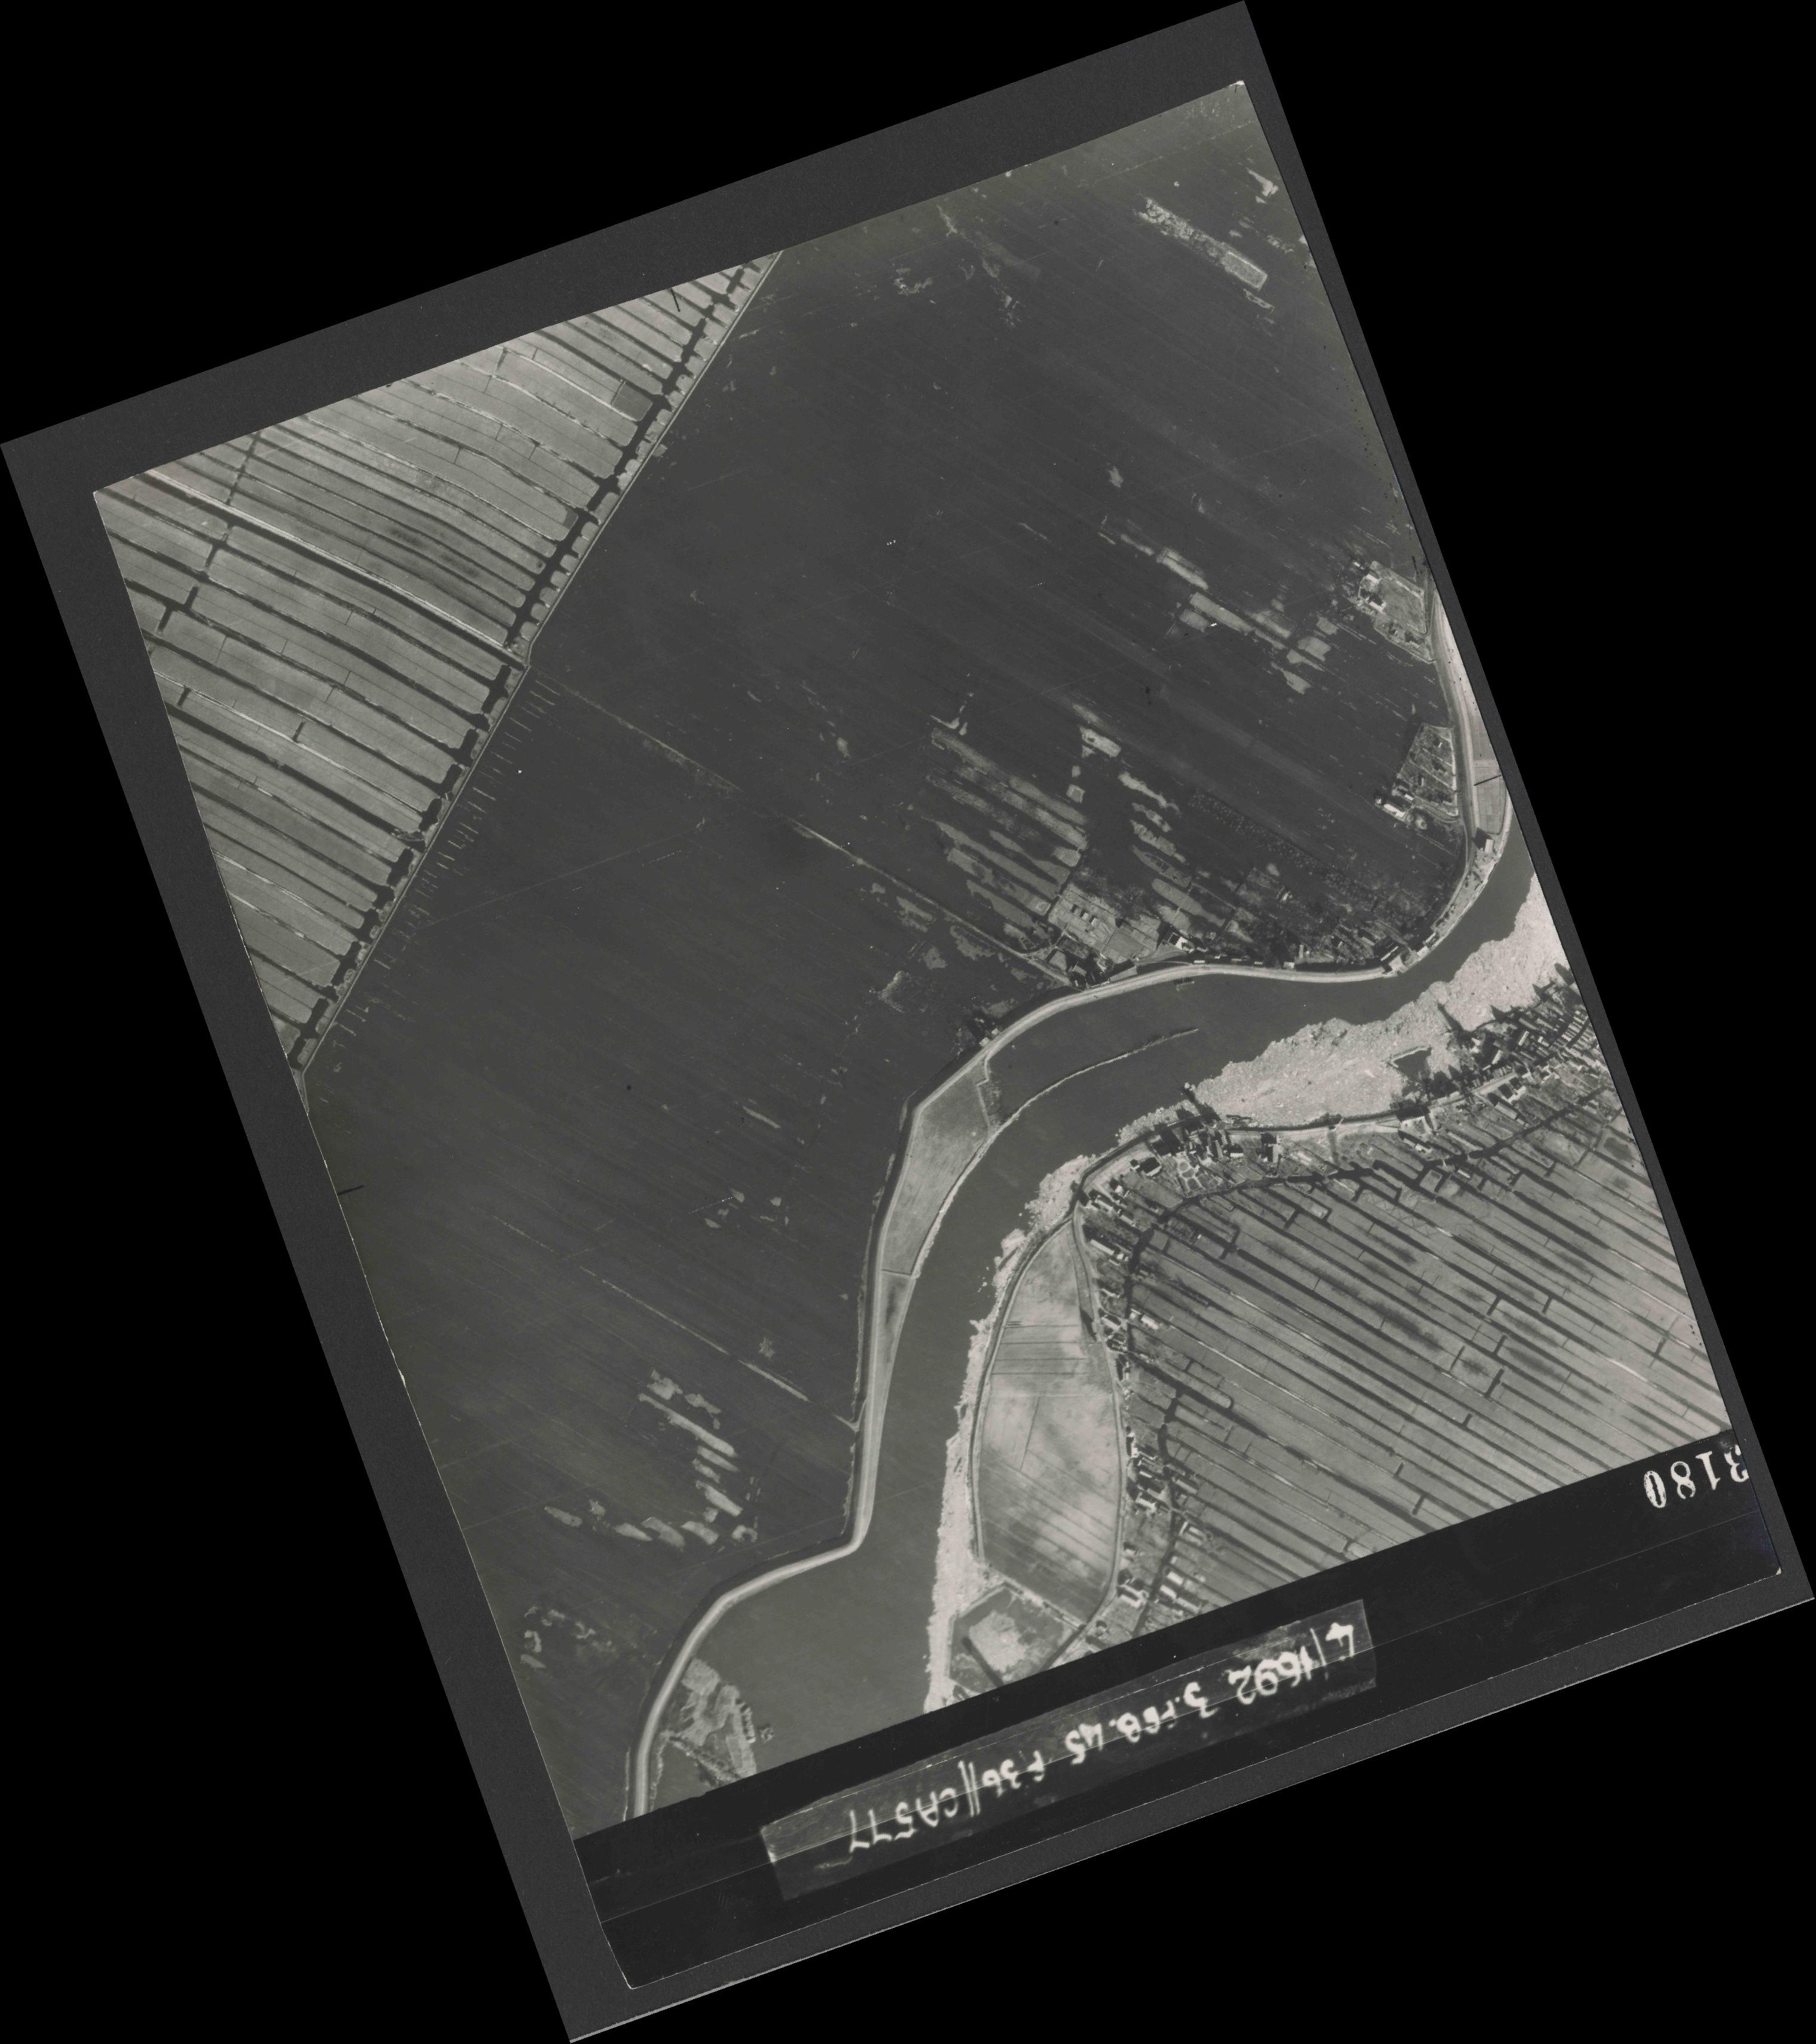 Collection RAF aerial photos 1940-1945 - flight 048, run 03, photo 3180